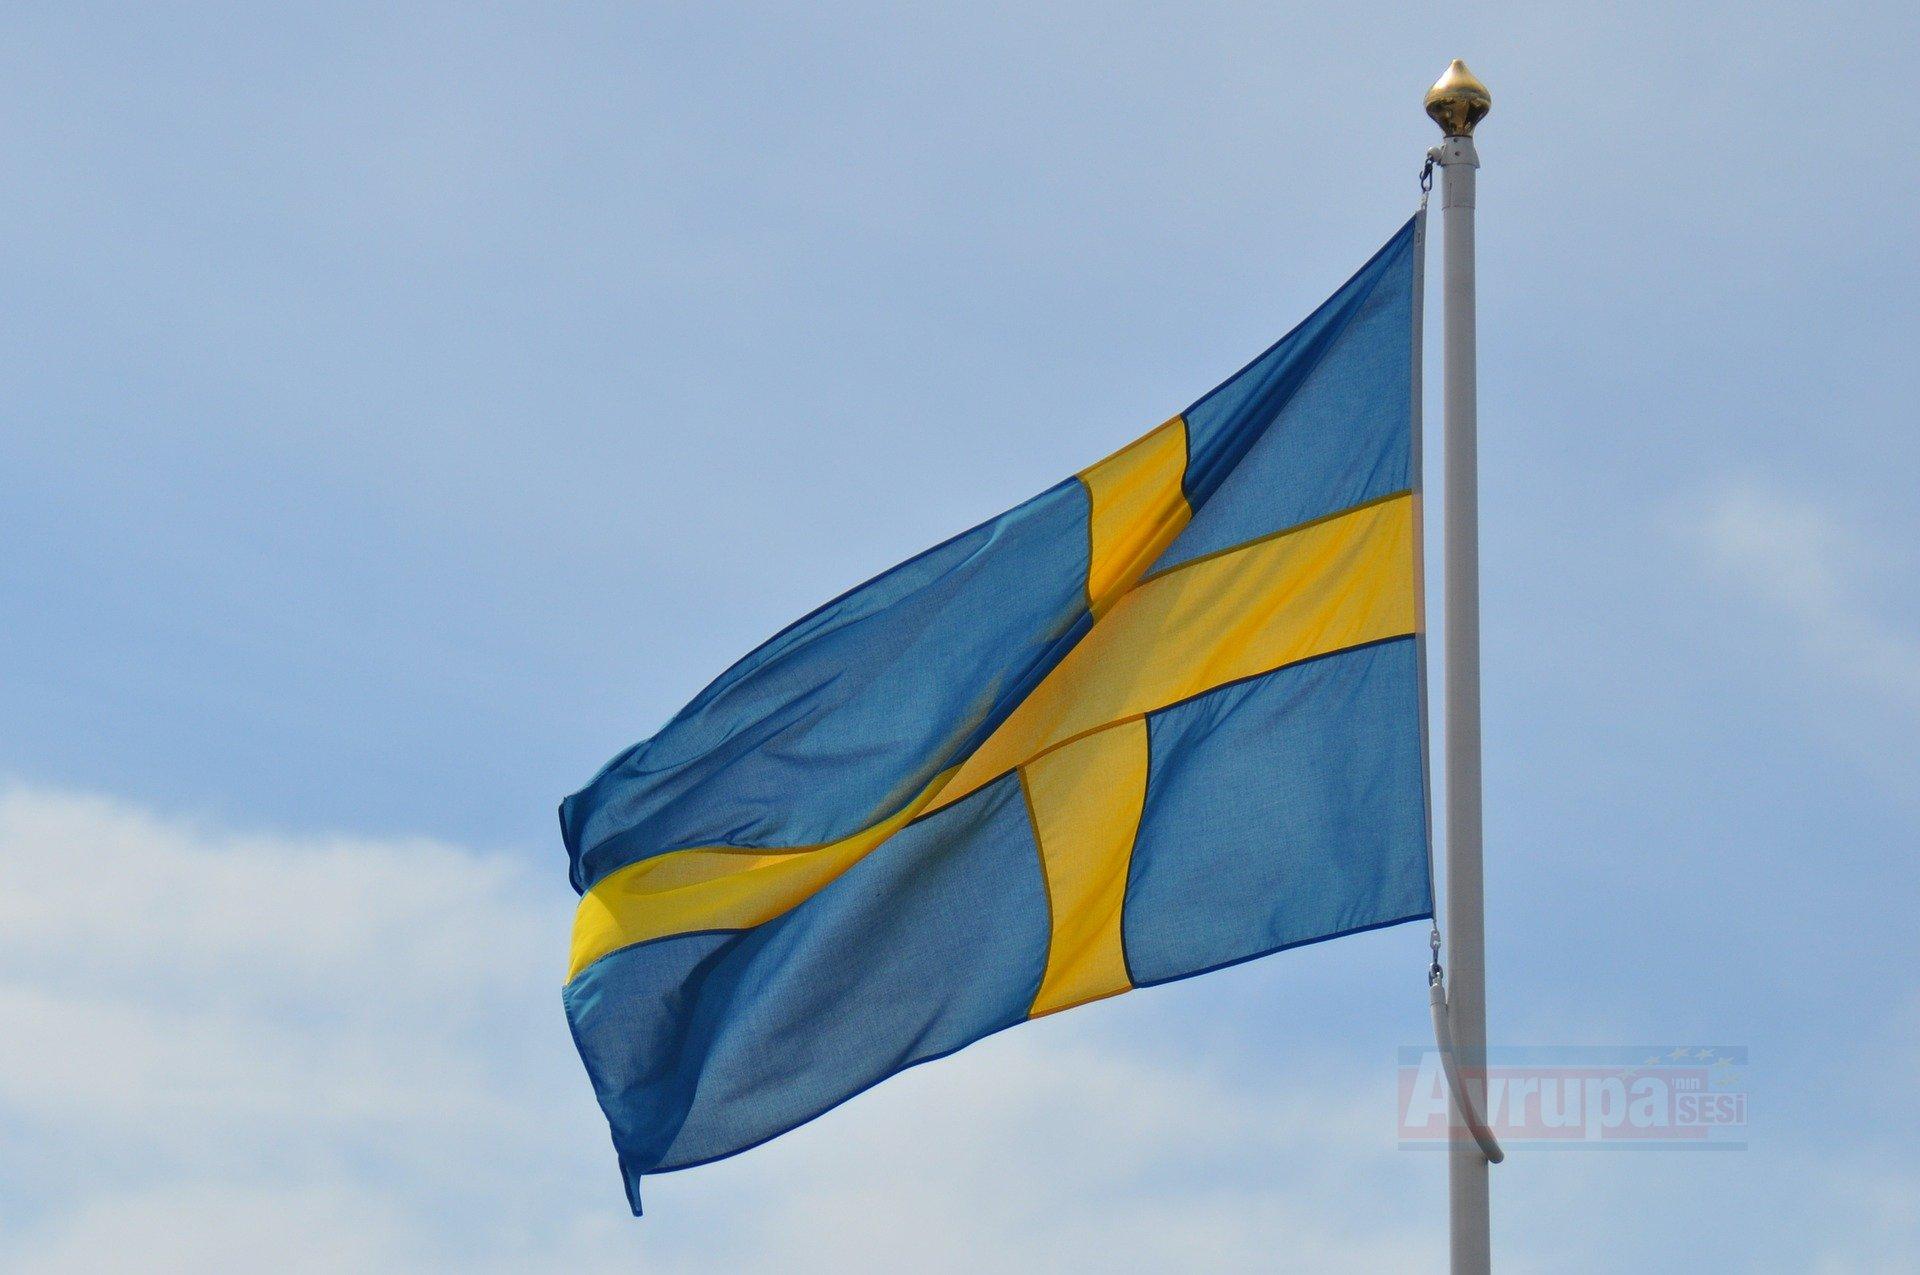 İsveçli aktivist sığınmacının sınır dışı edilmesini engellediyi için ceza aldı